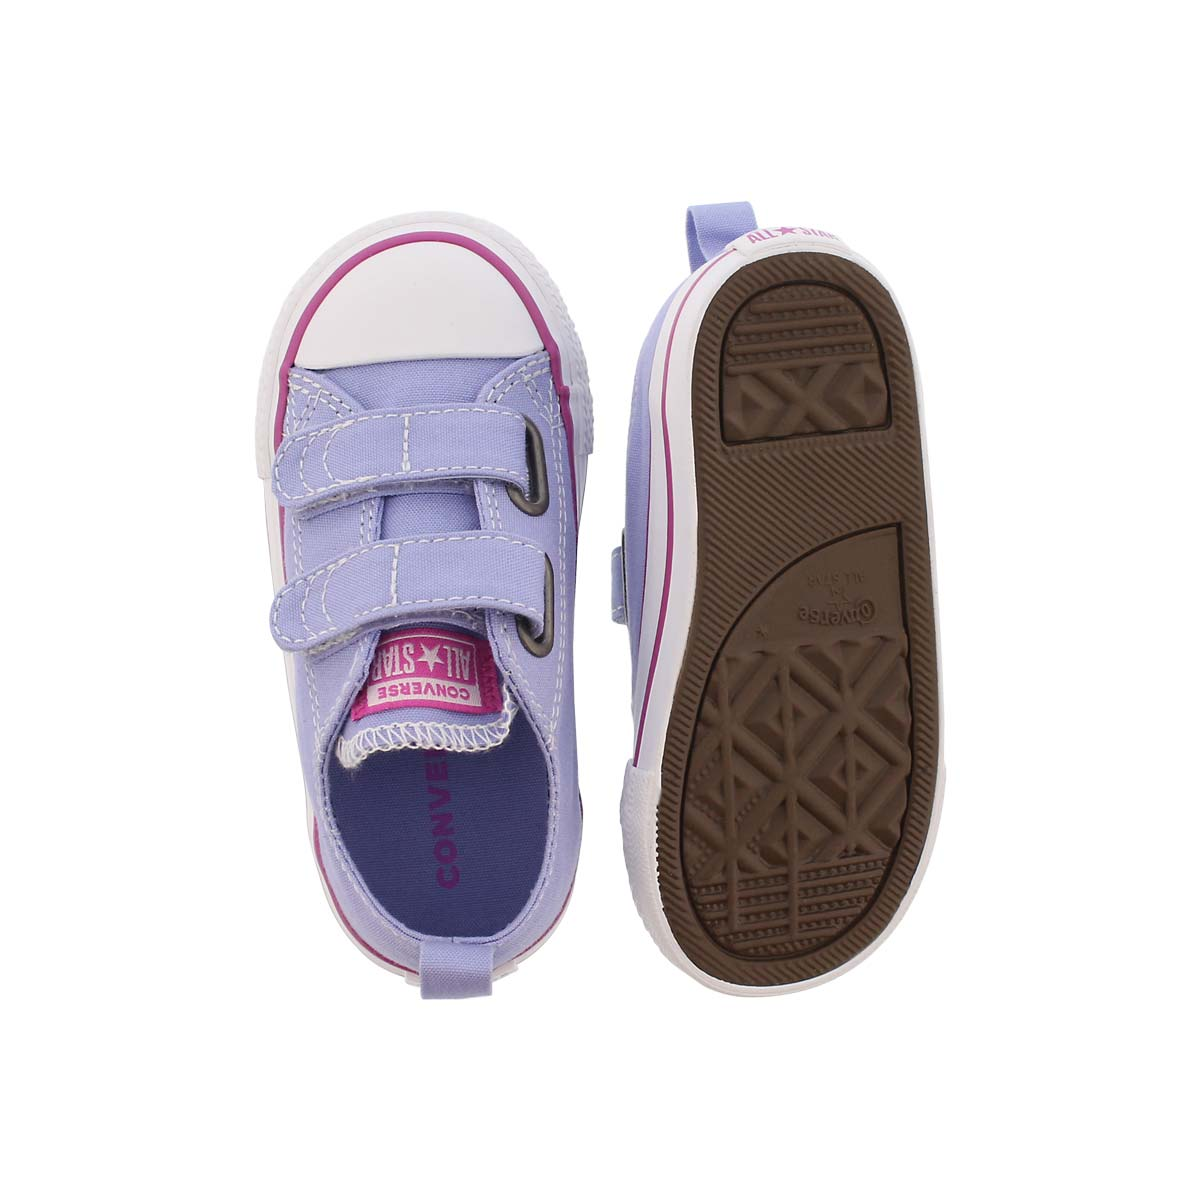 Infs-g CTAS 2V twilight pulse sneaker